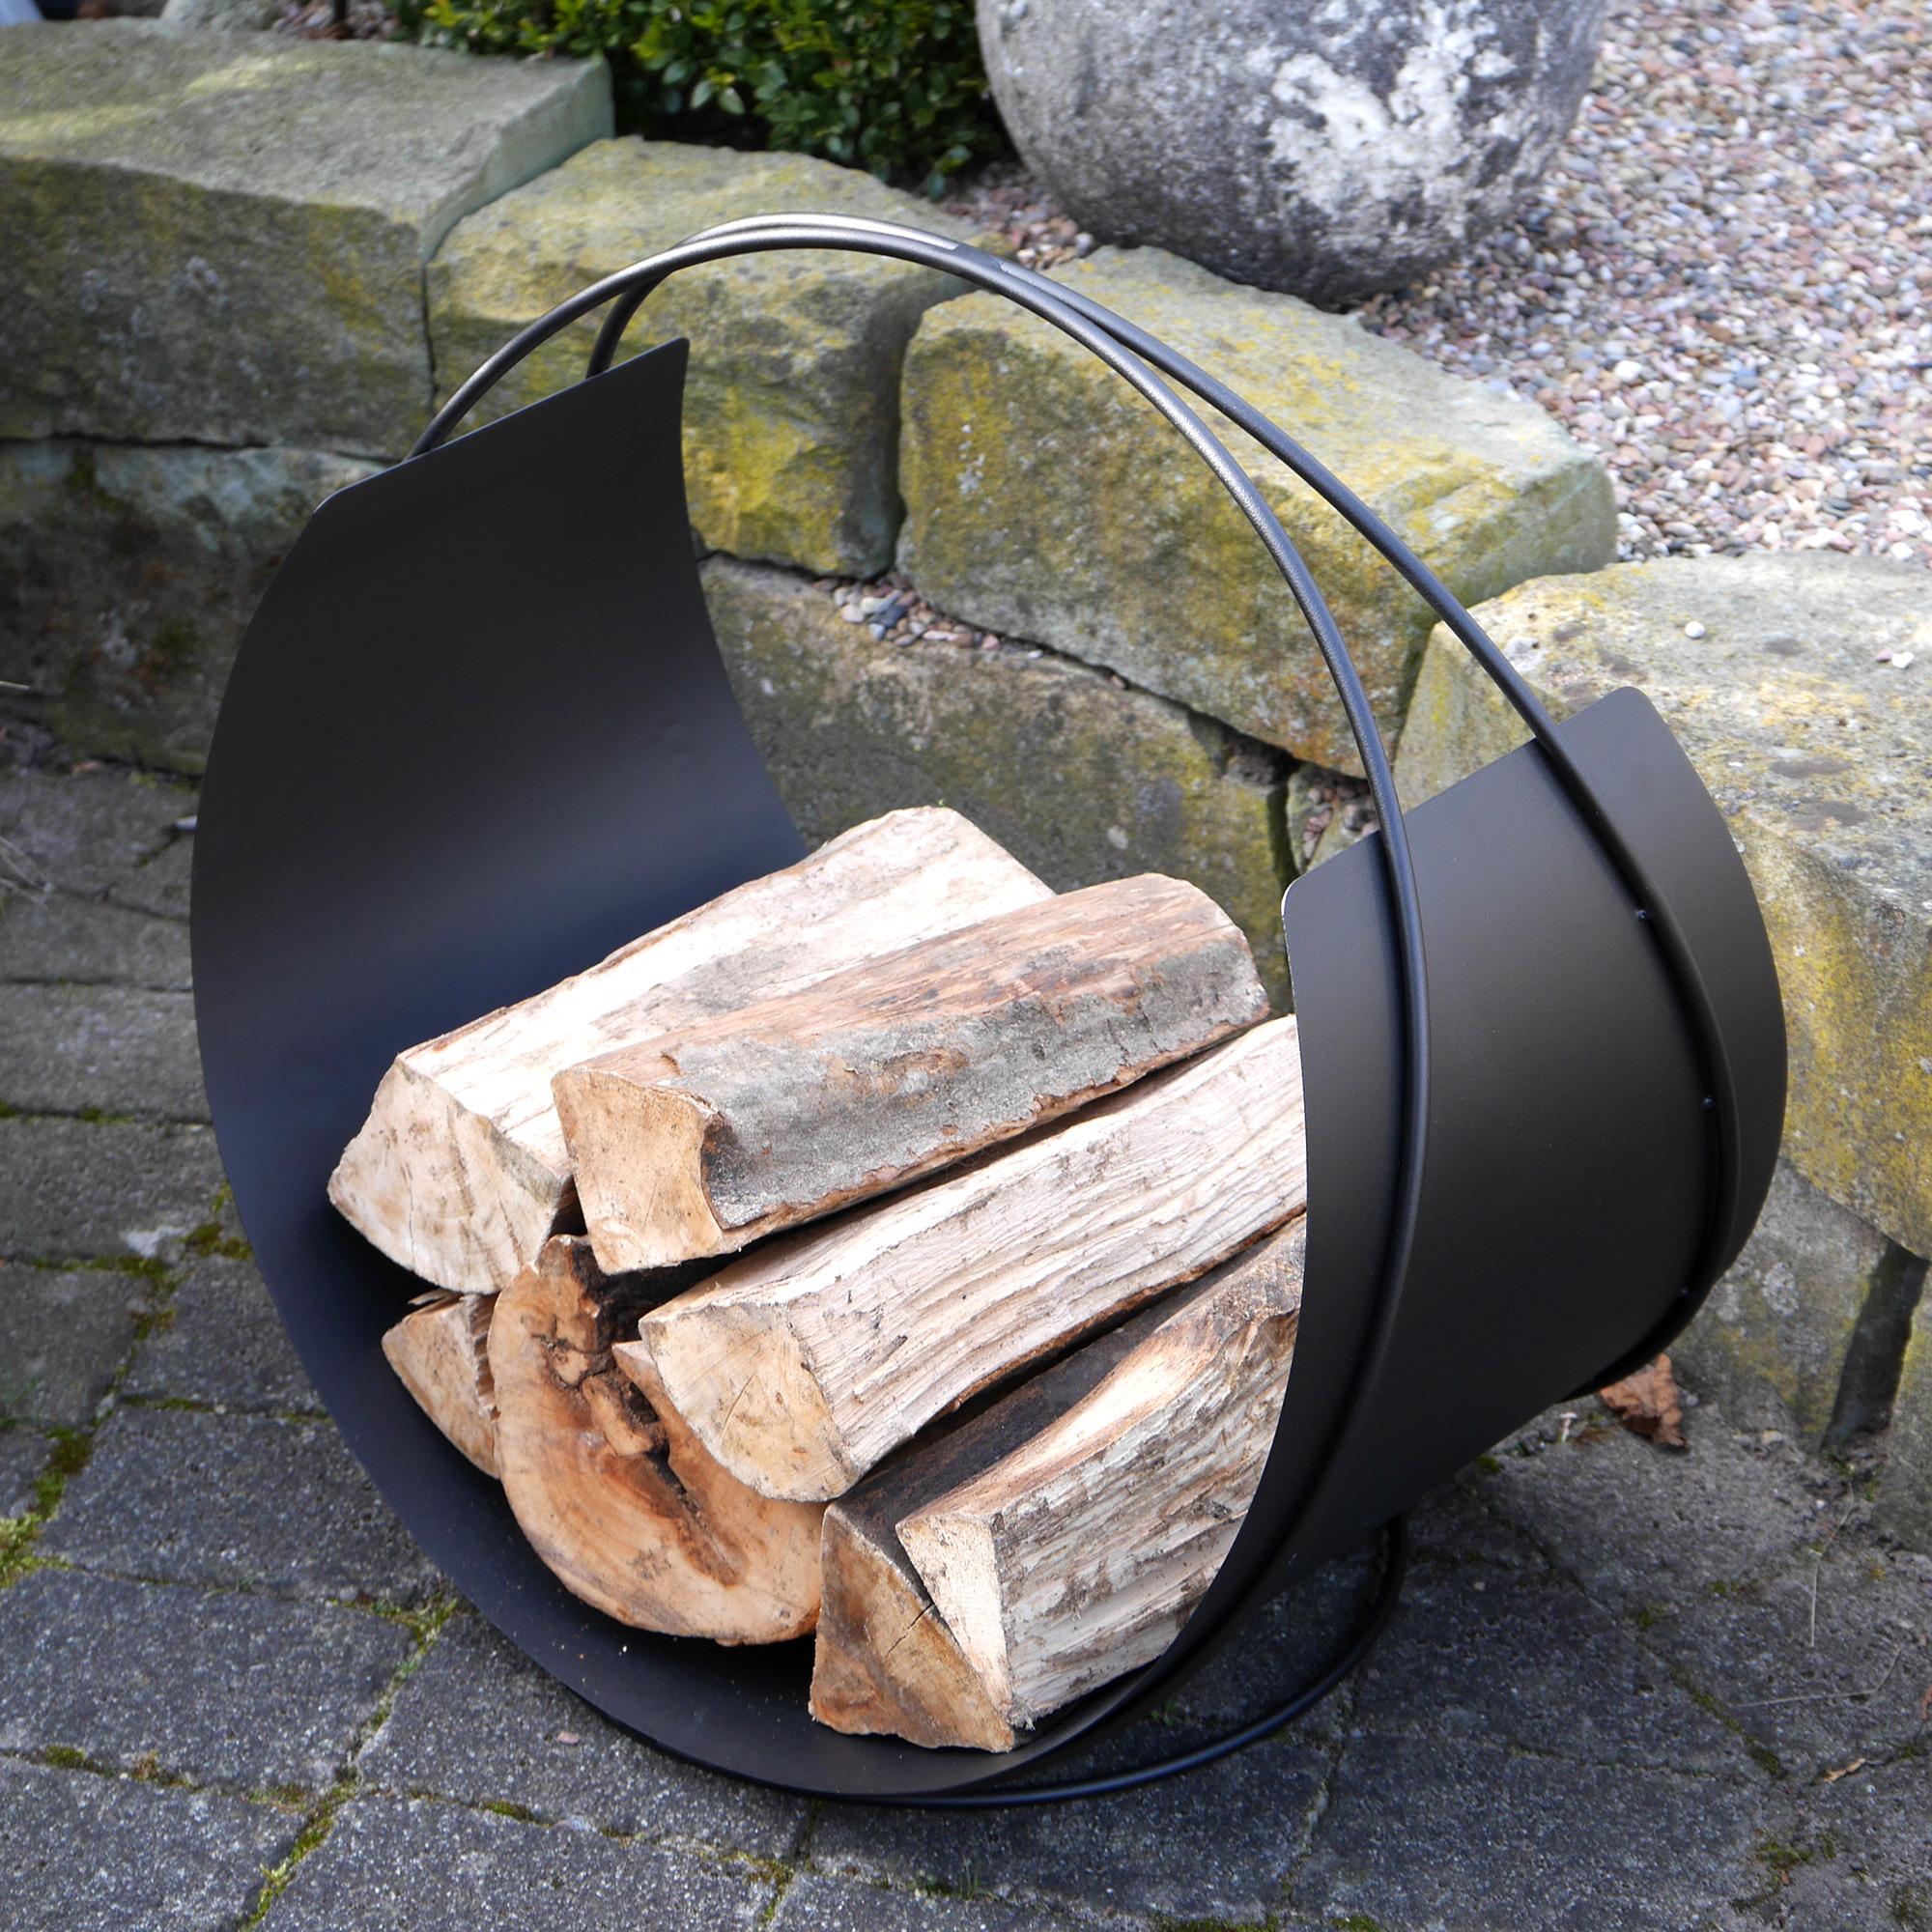 vasner situro s1 holzkorb f r kamine lagerfeuer. Black Bedroom Furniture Sets. Home Design Ideas